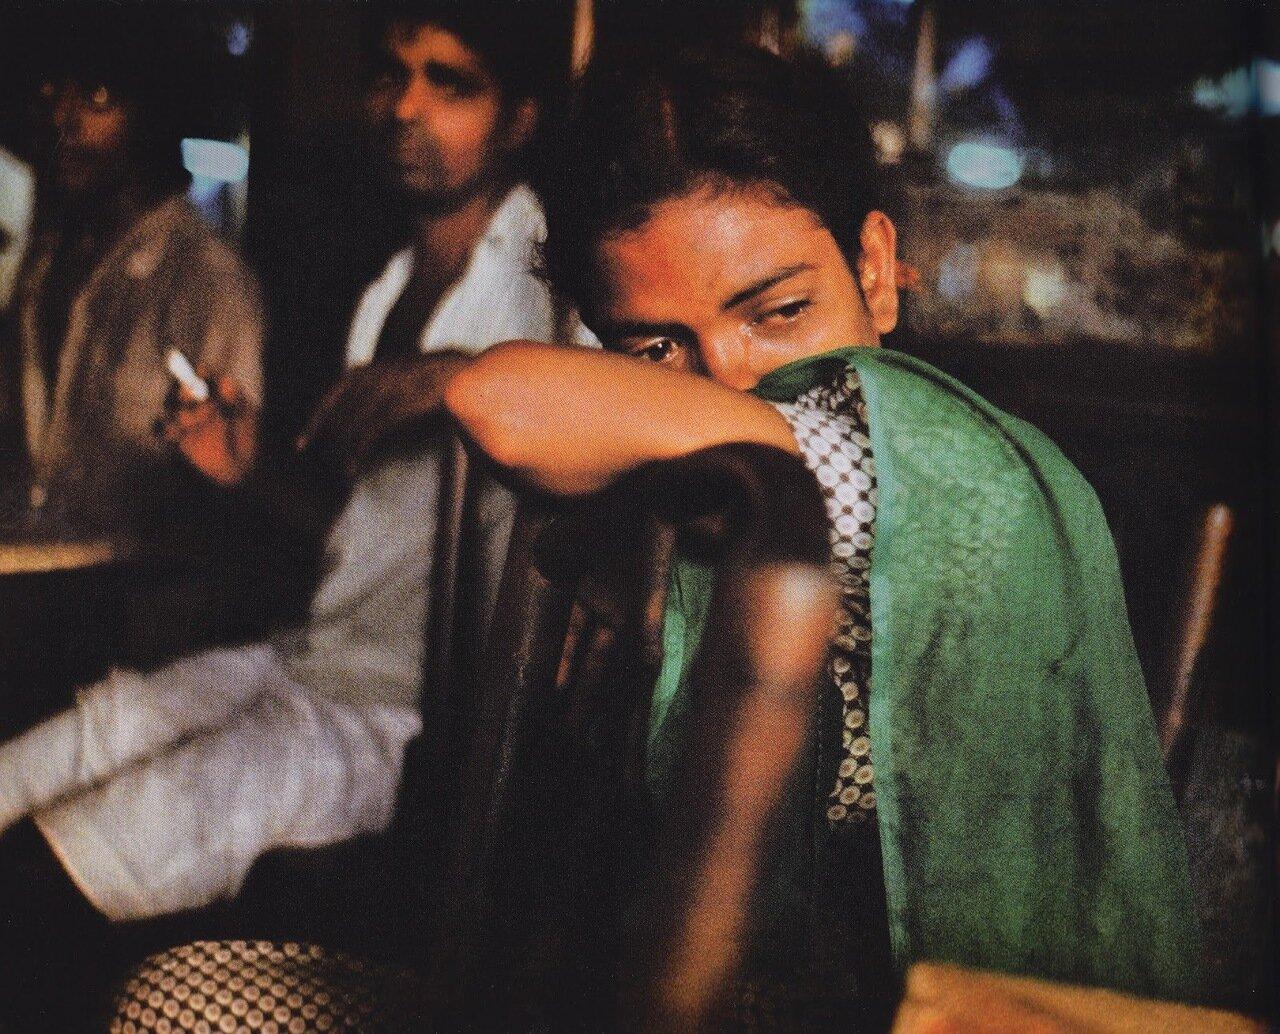 Уличная проститутка за работой 16 фотография